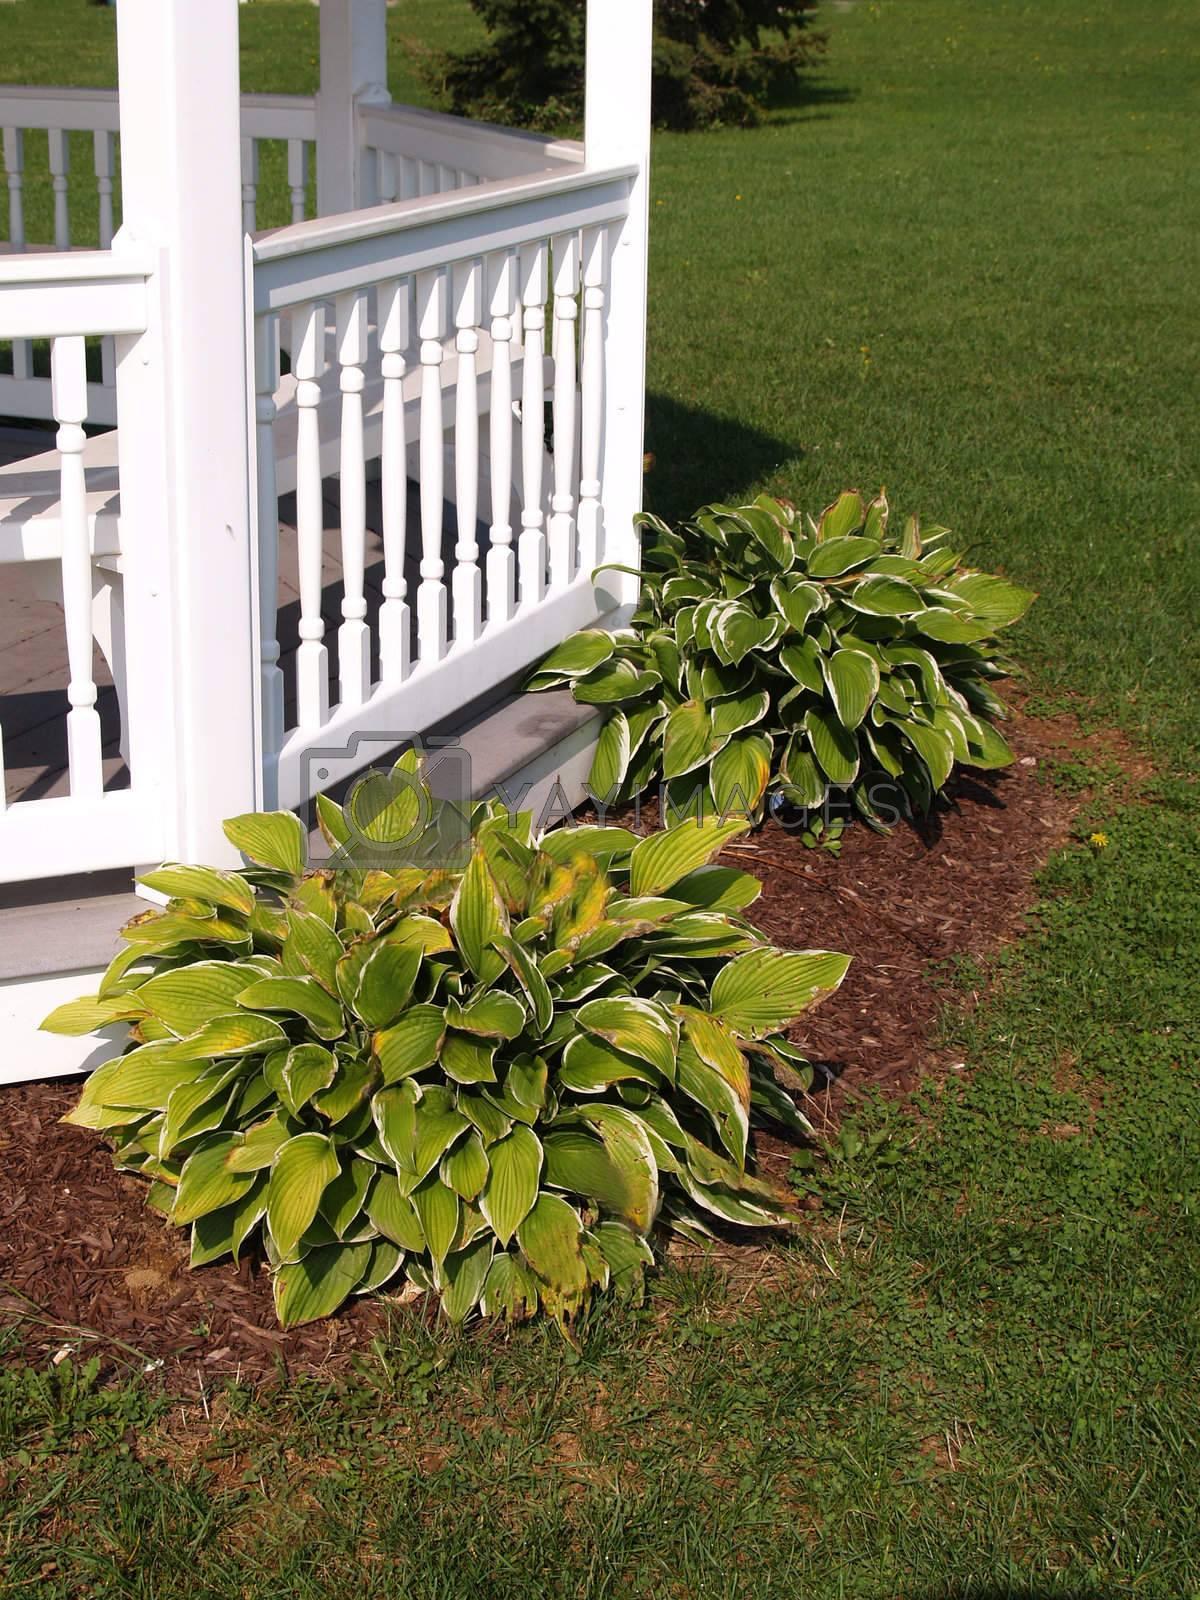 two green hosta plants by a white gazebo railing